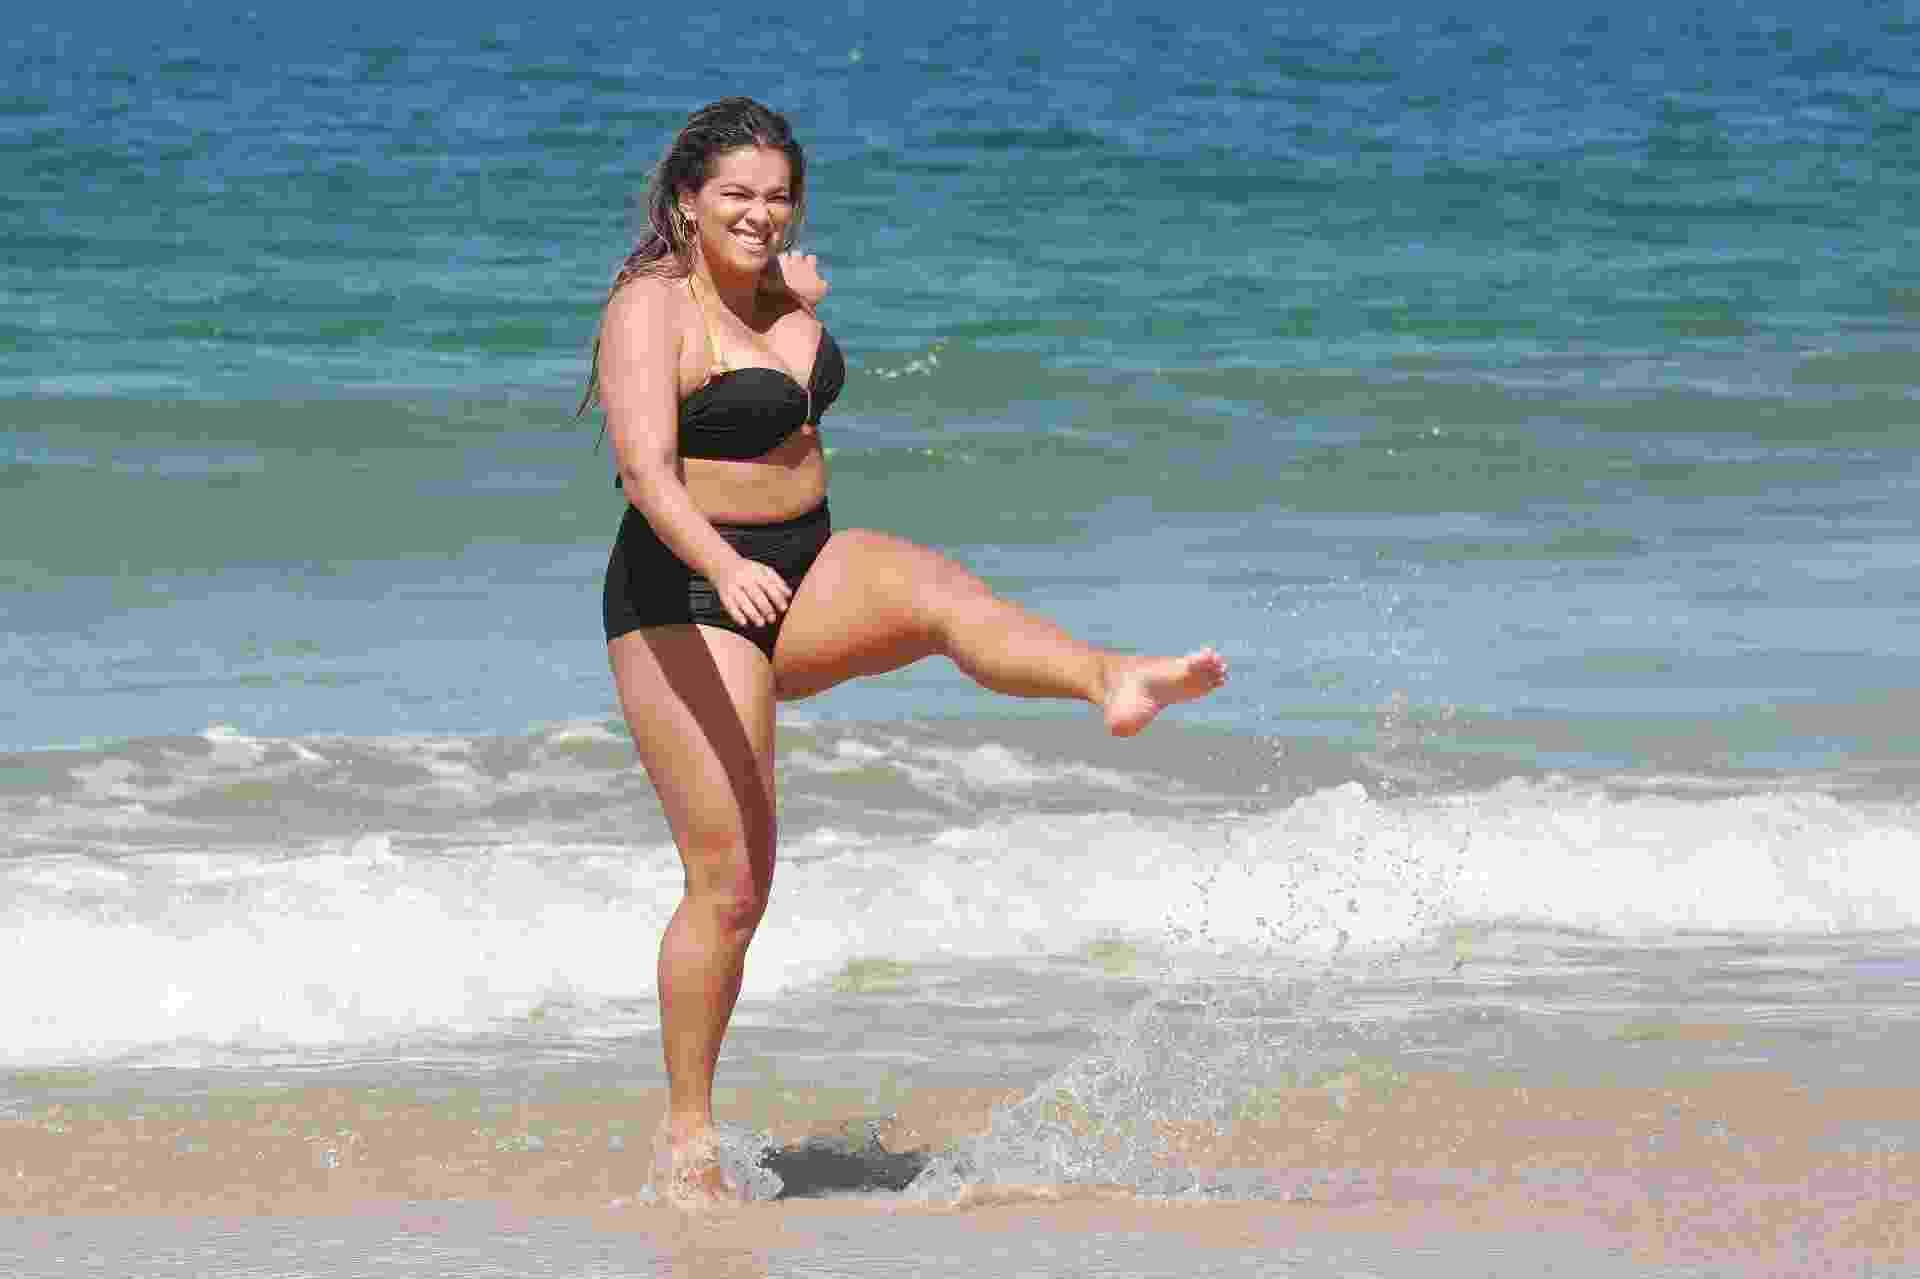 """Fani Pacheco gravou um vídeo para seu canal do Youtube """"Fani Quebra o Padrão"""", em que se assume uma """"gordinha feliz"""", na praia do Recreio dos Bandeirantes, na zona oeste do Rio - Dilson Silva/Ag.News"""